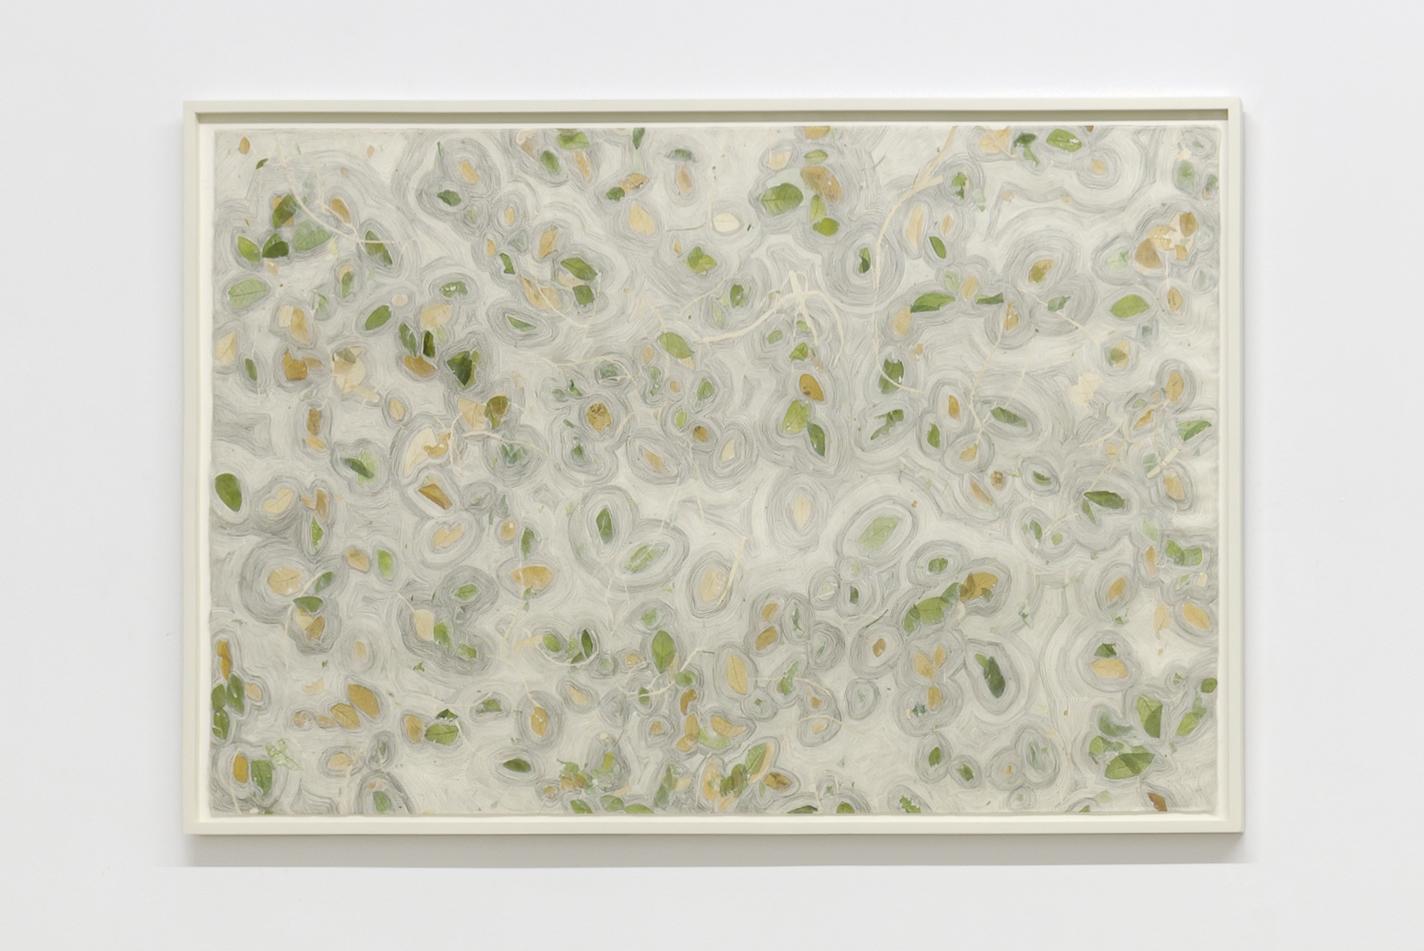 Saison Science 4, 2011-2014, papier de riz avec incrustations et graphite, 64 x 94 cm_crédit Jérôme Michel